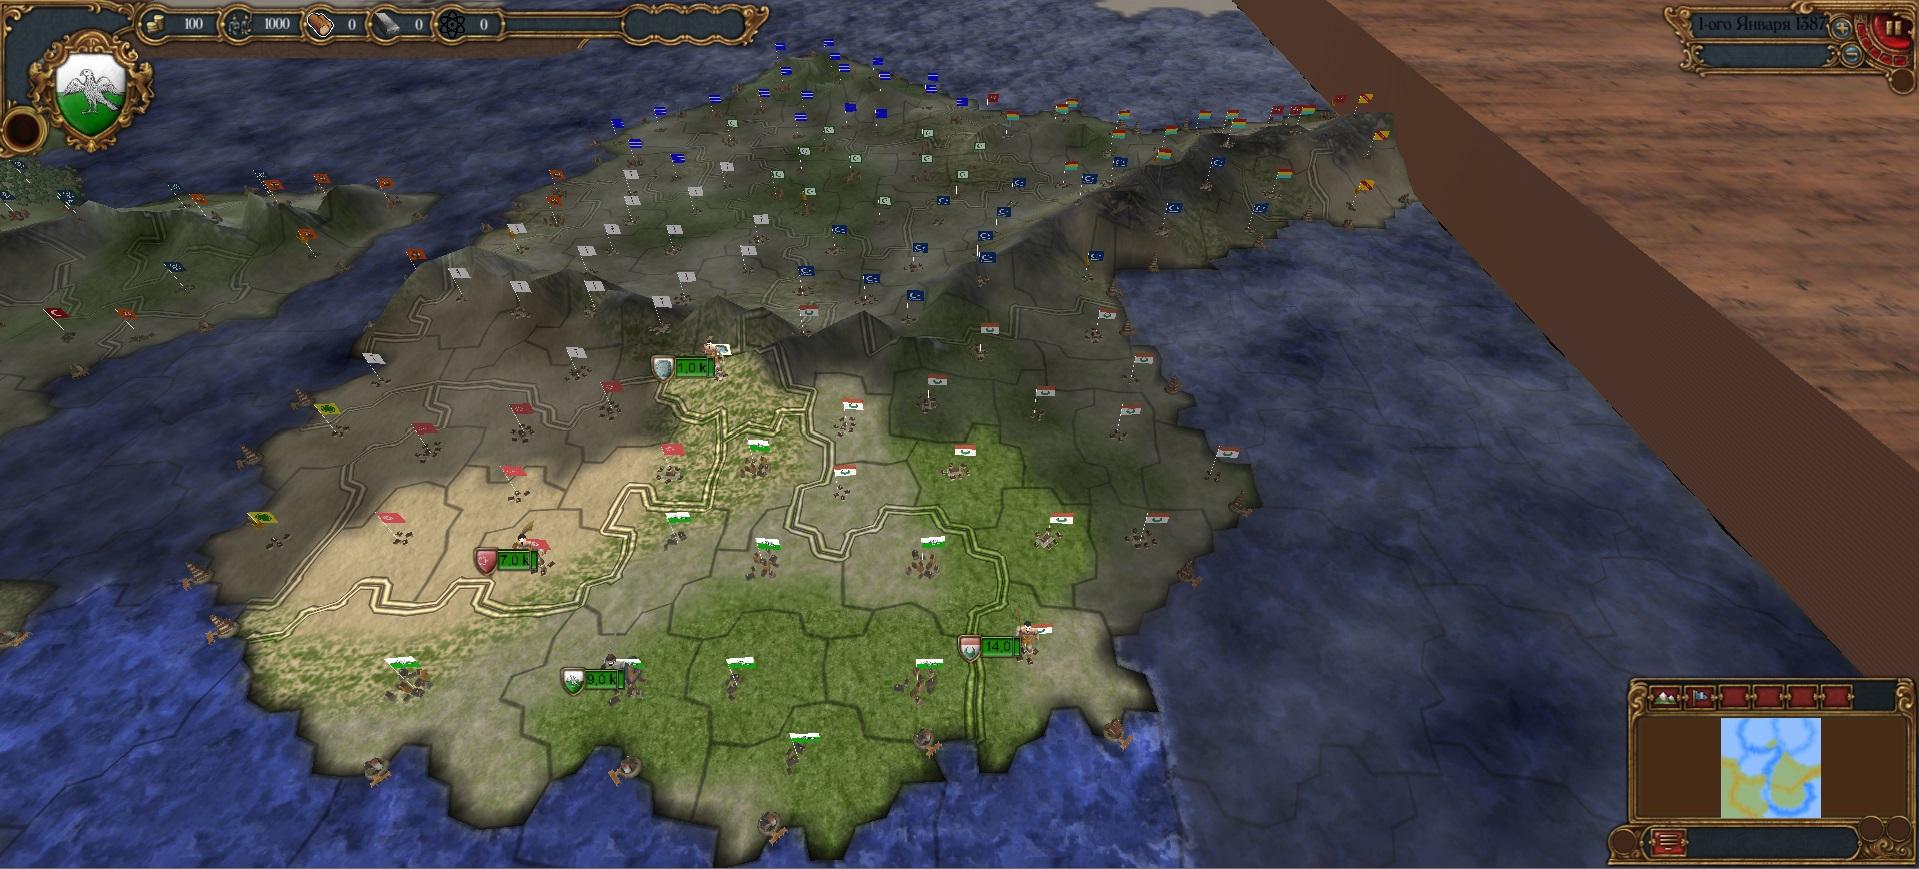 images | RTS стратегия на основе генерируемого мира.